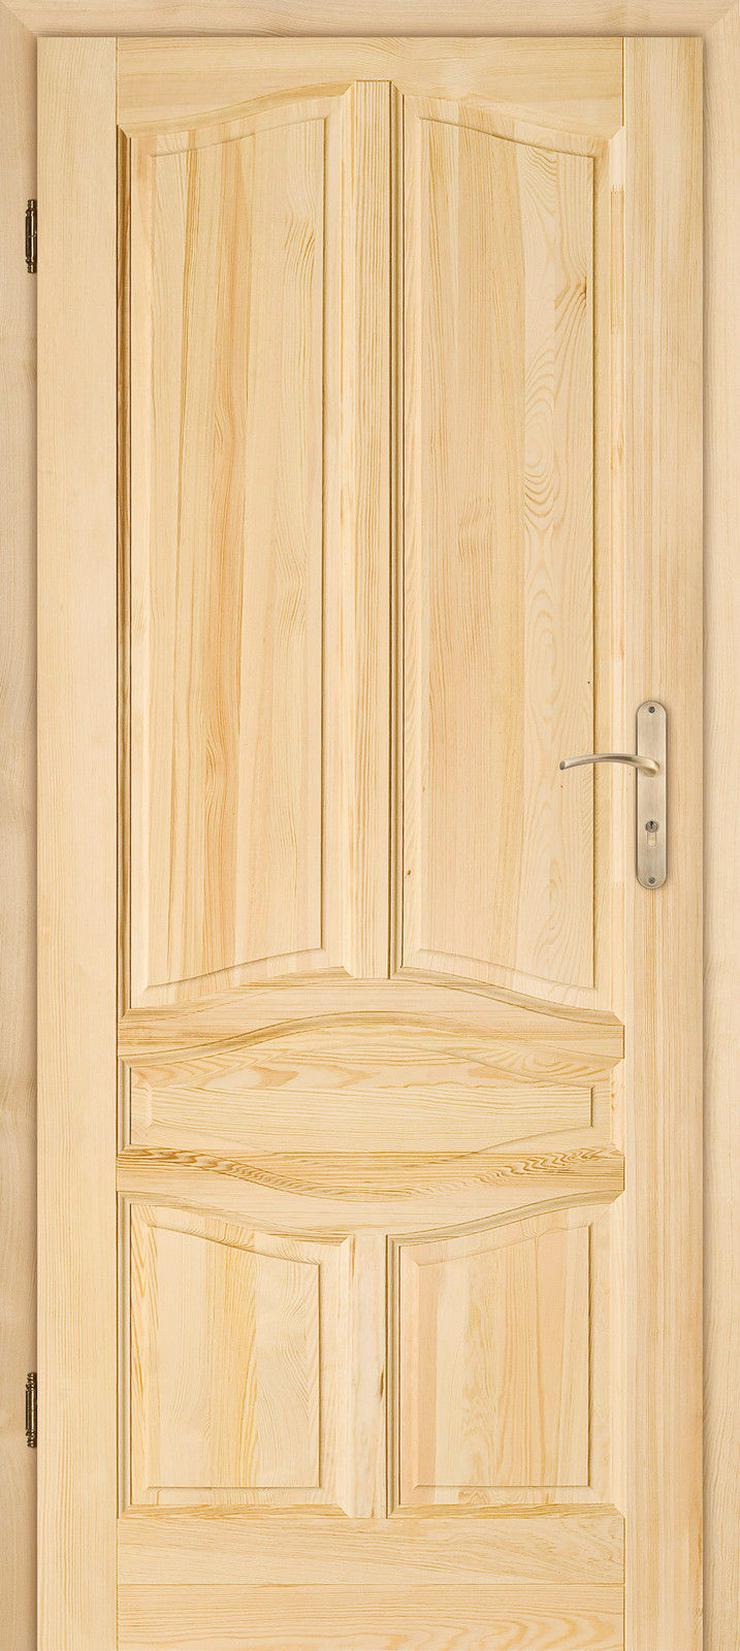 Bild 3: Holztür Delfino Schiebetür Zimmertür Innentür Kiefer Durchgangstür 60/70/80/90